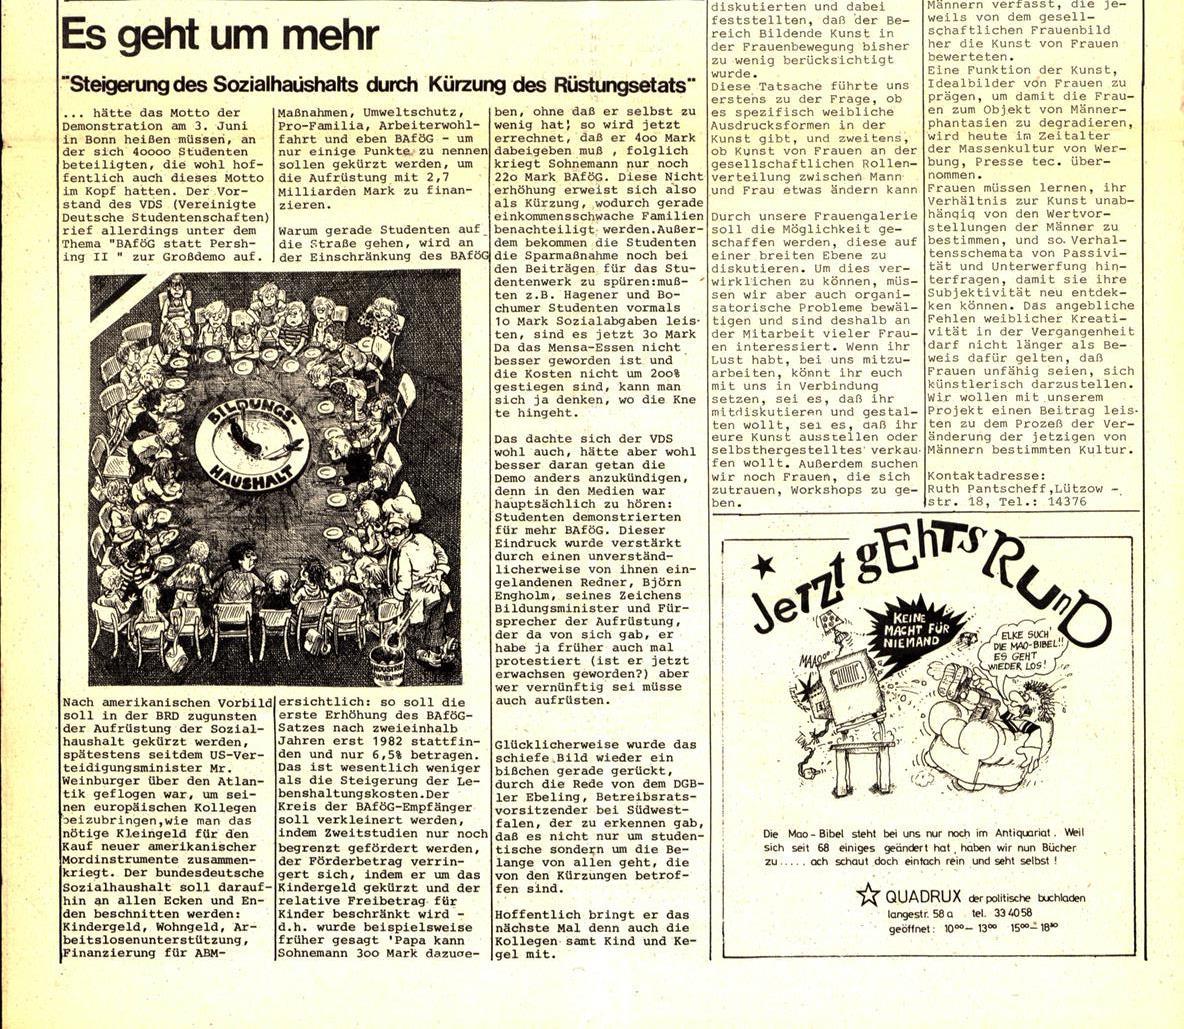 Hagen_Volksblatt_19810600_16